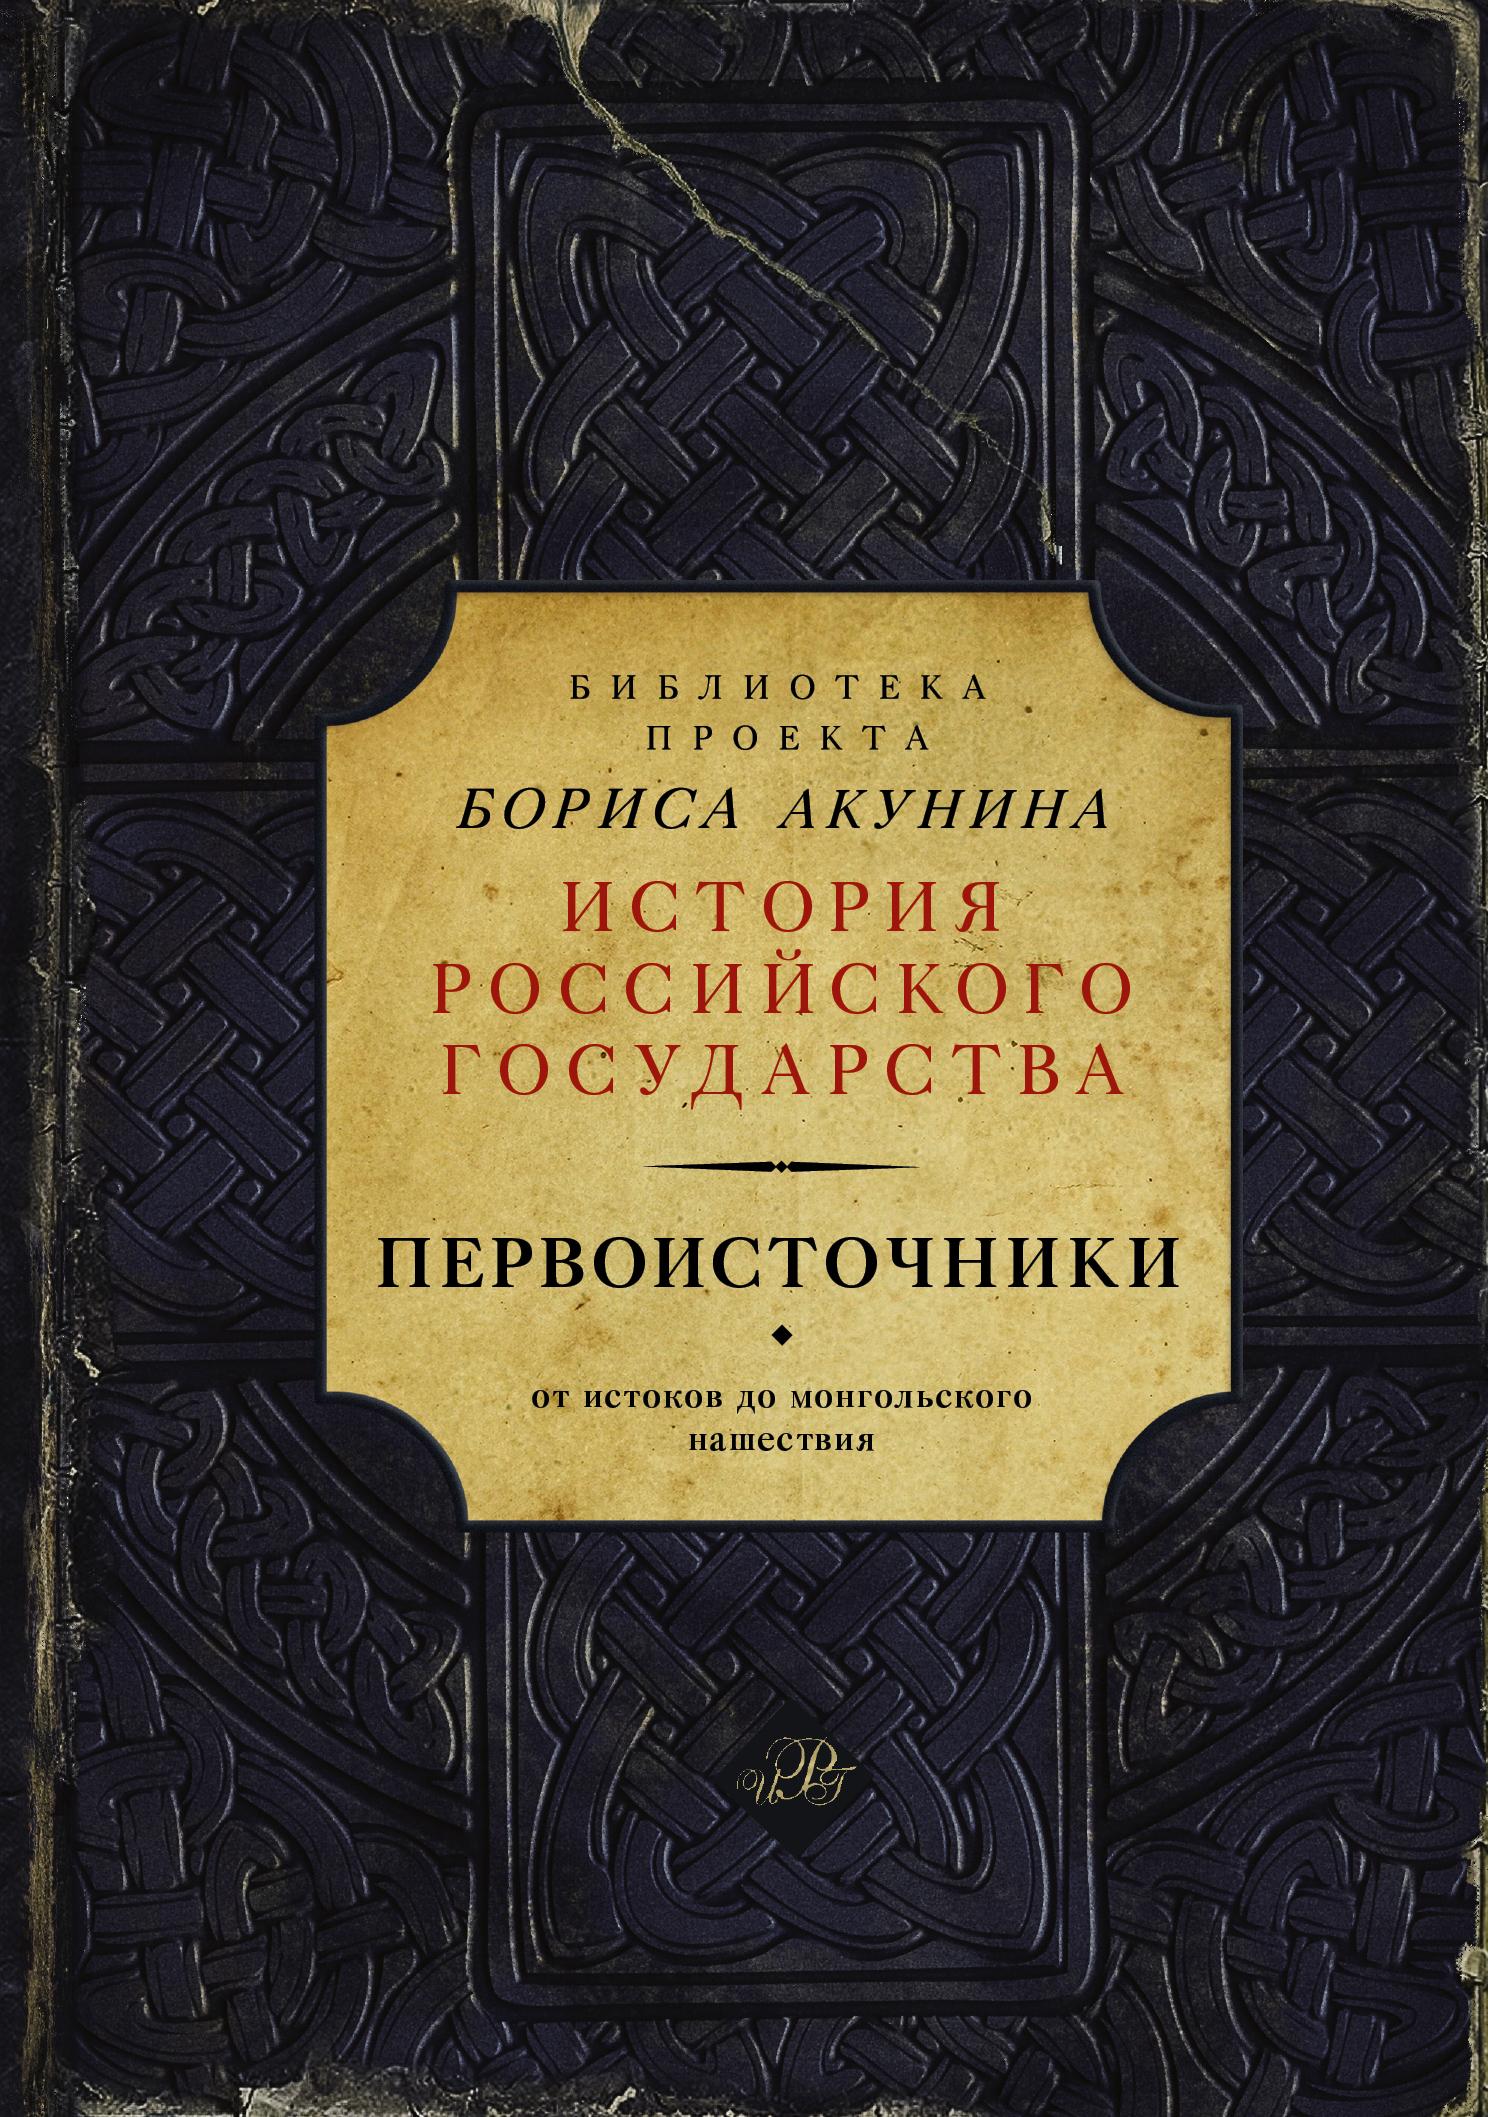 Борис Акунин Первоисточники (библиотека проекта Бориса Акунина ИРГ)